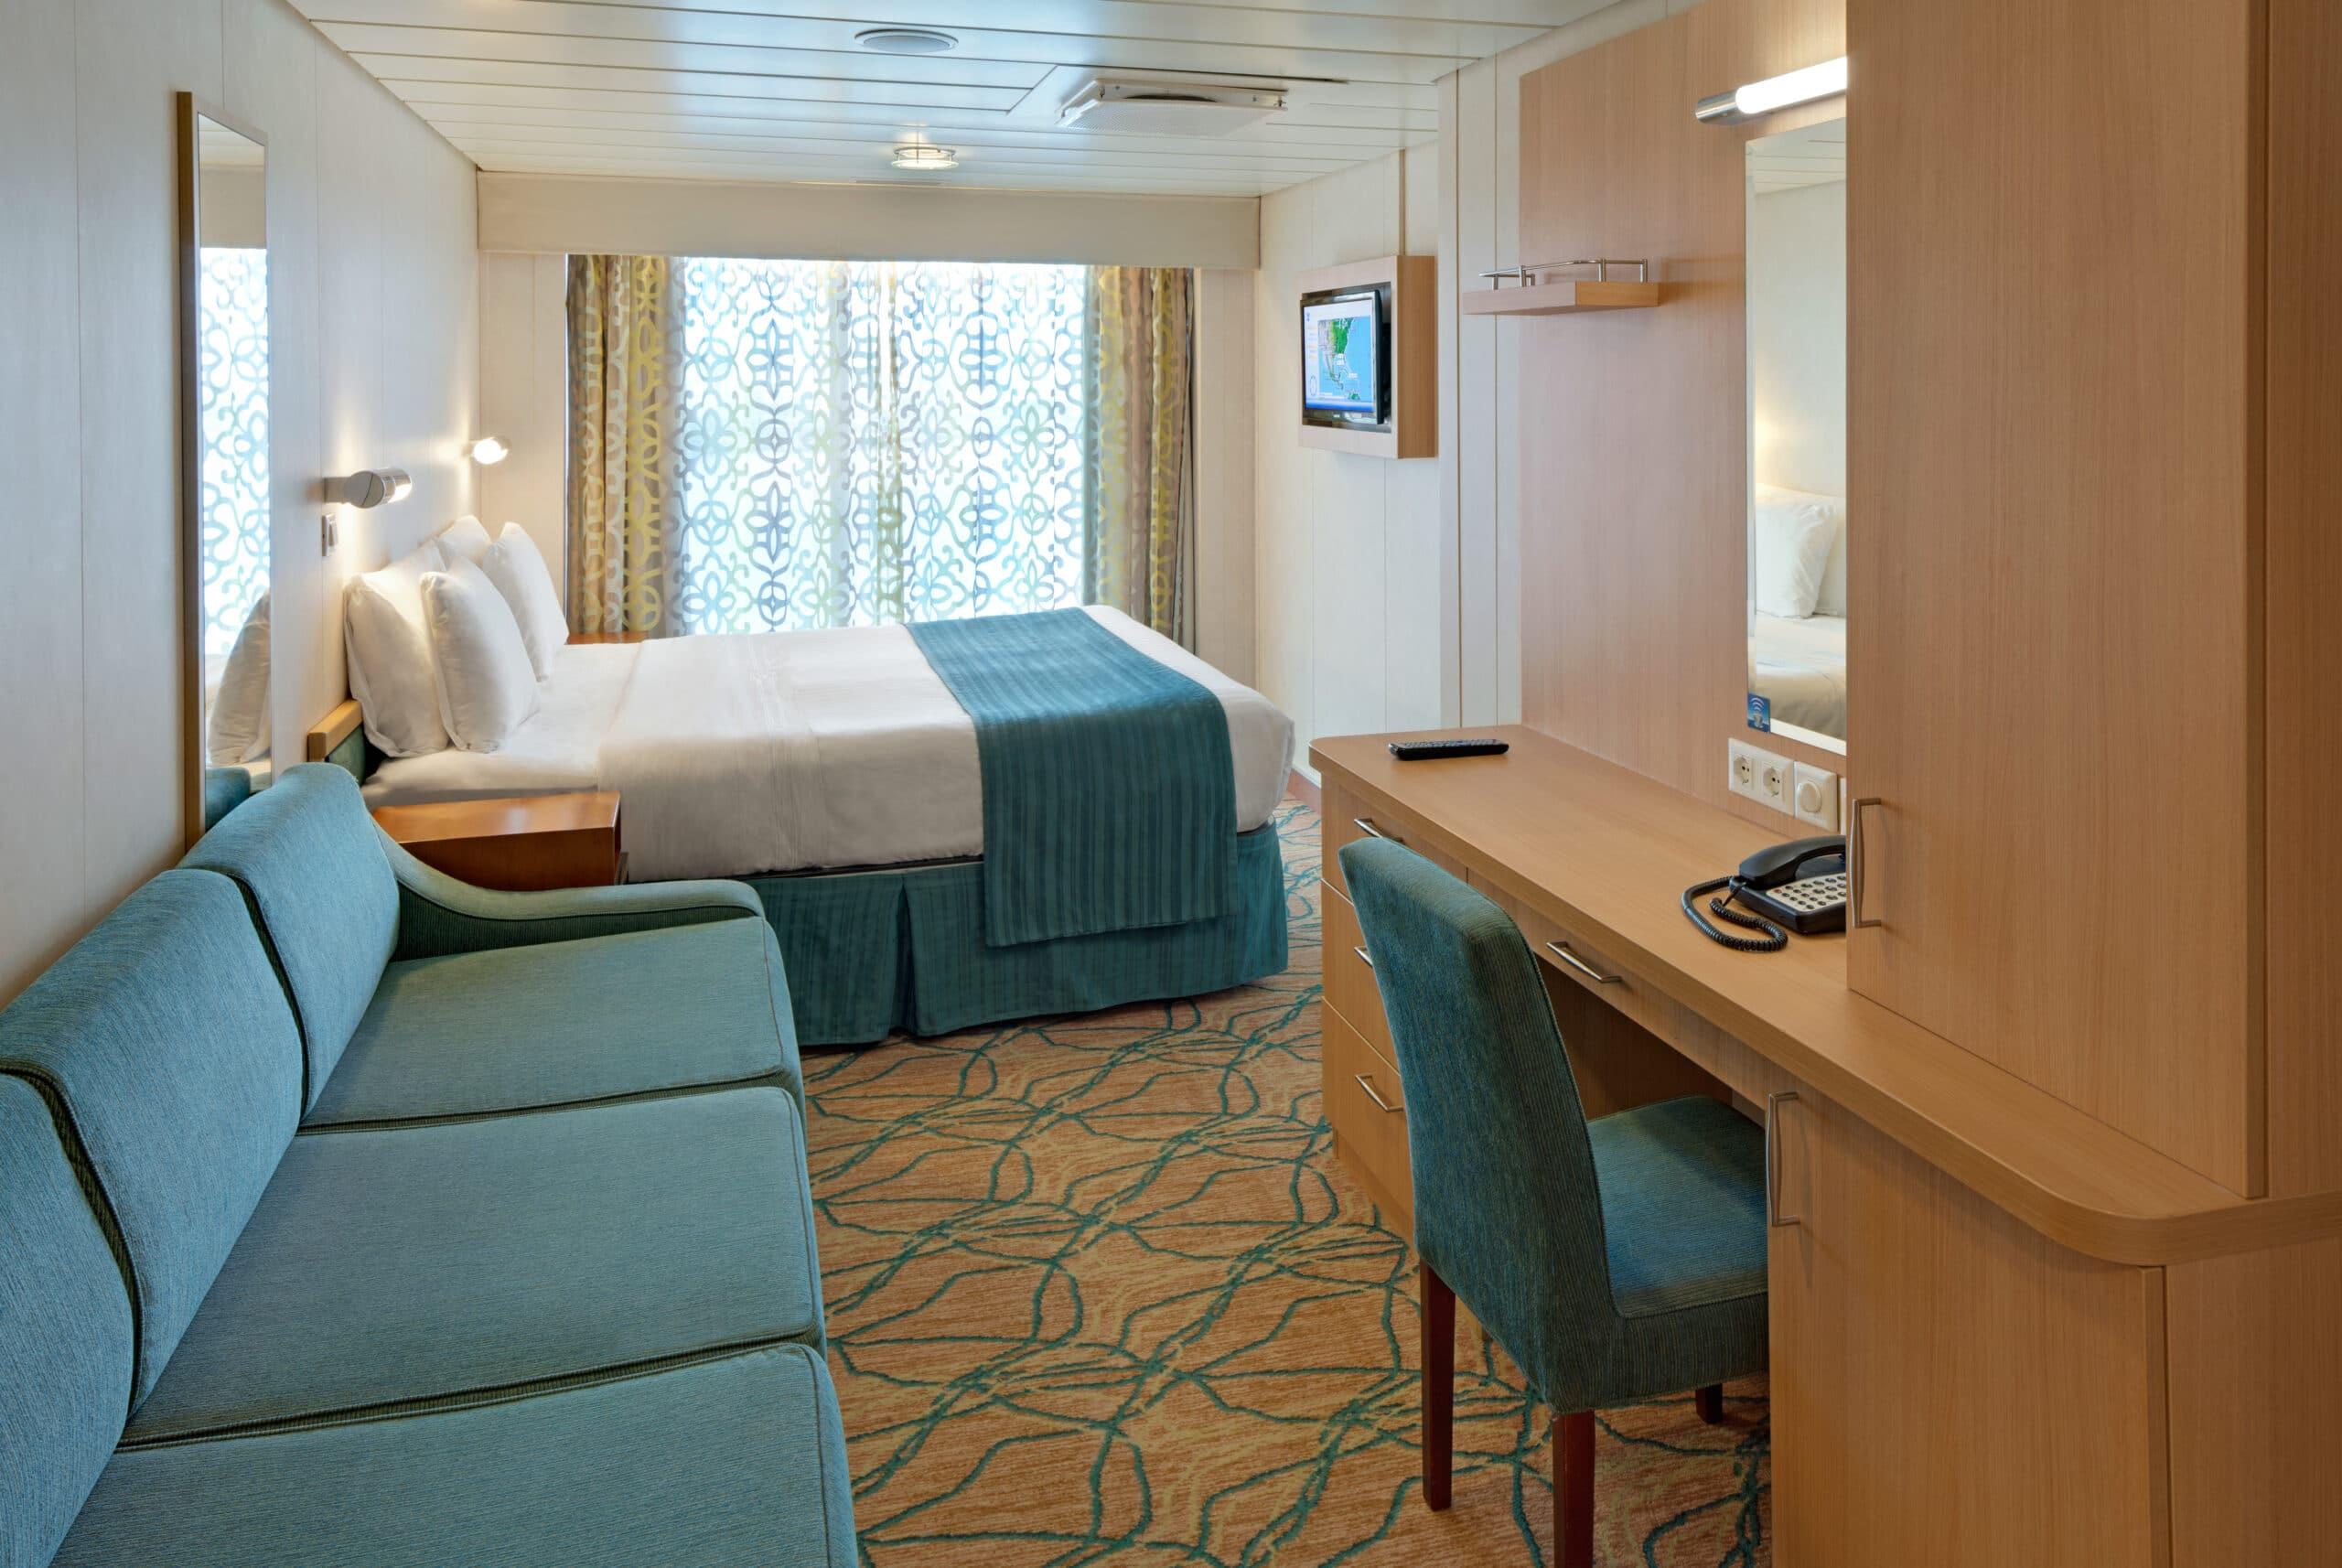 Royal-Caribbean-International-Rhapsody-of-the-Seas-schip-cruiseschip-categorie-1M-ruime-buitenhut